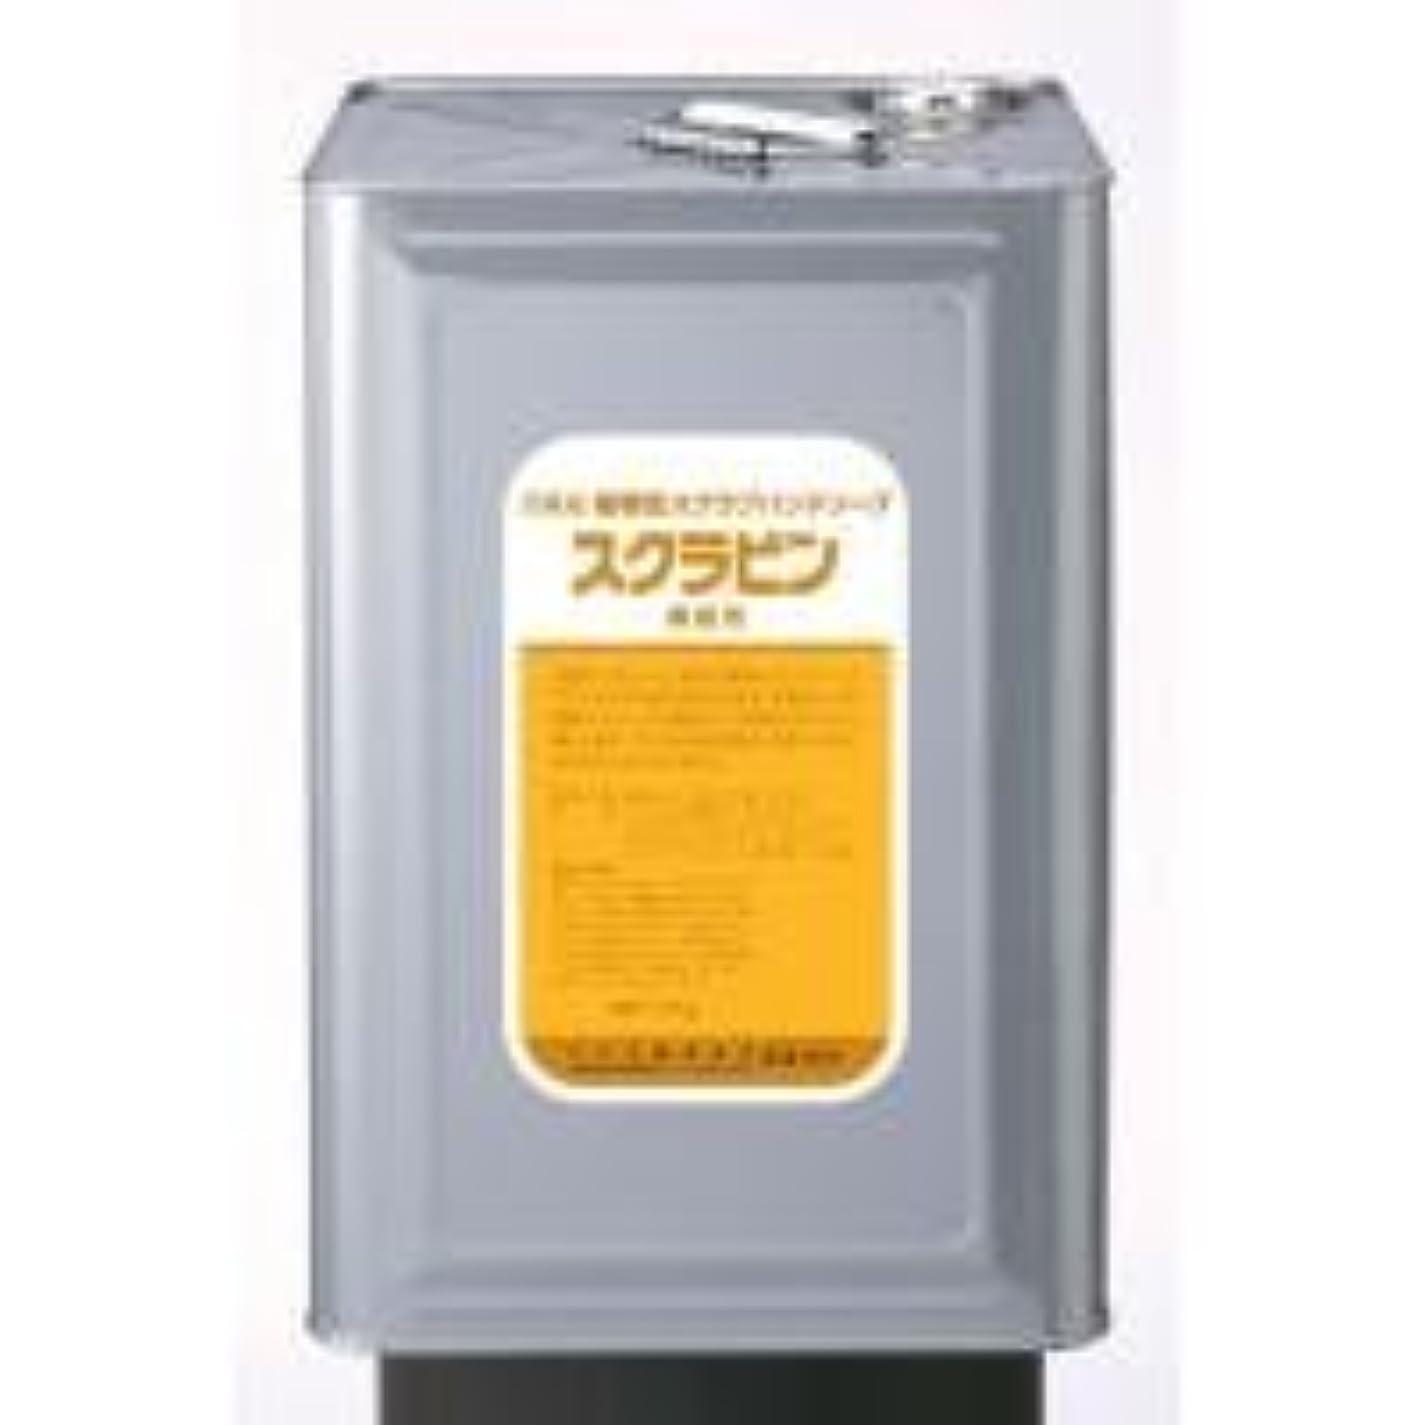 のど変換する自分の力ですべてをするサラヤ スクラビン 17kg 1缶